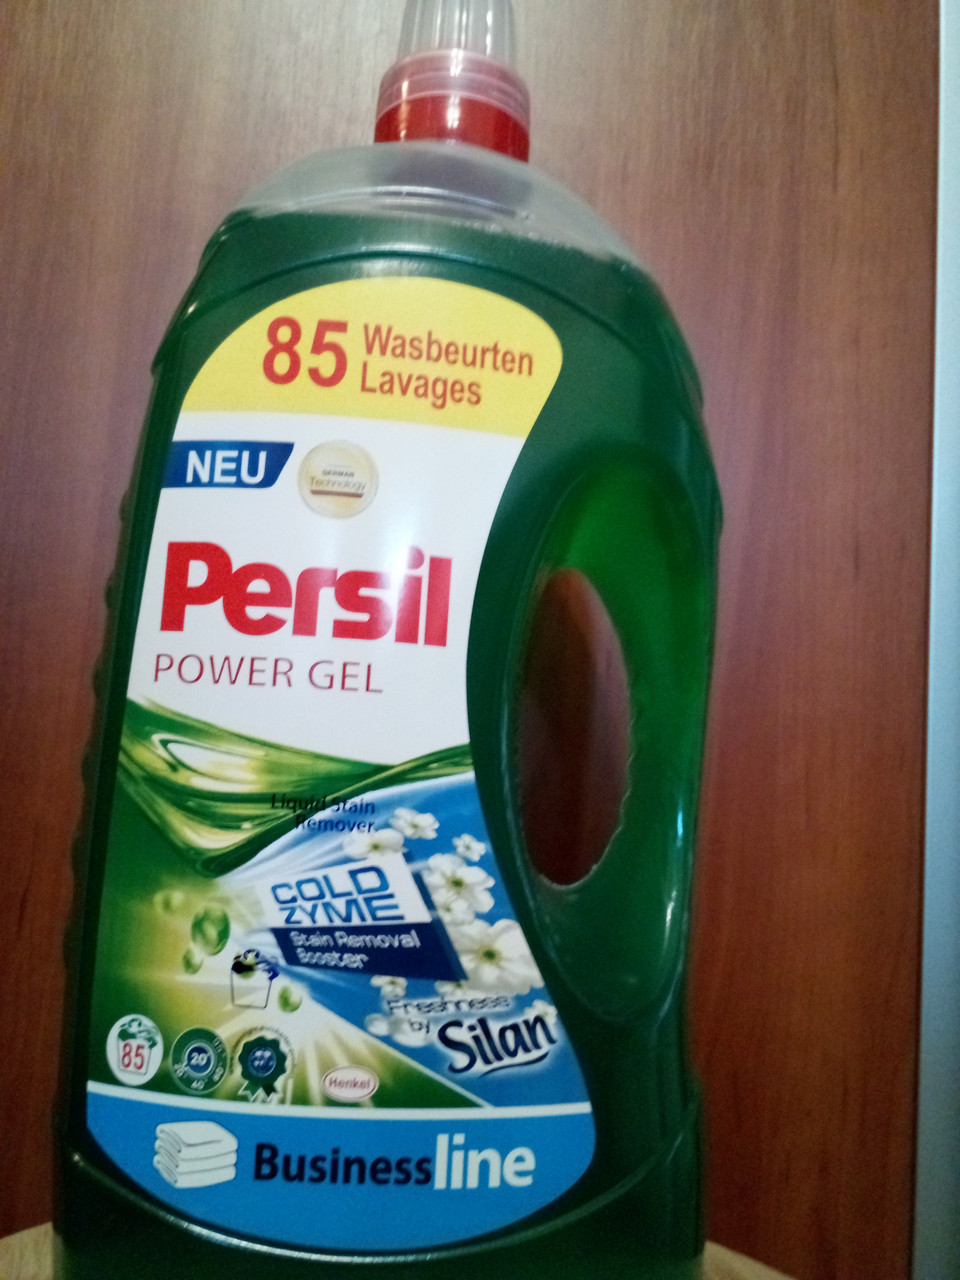 Гель для прання PERSIL 5,65 л COLD ZYME 85 прання універсальний